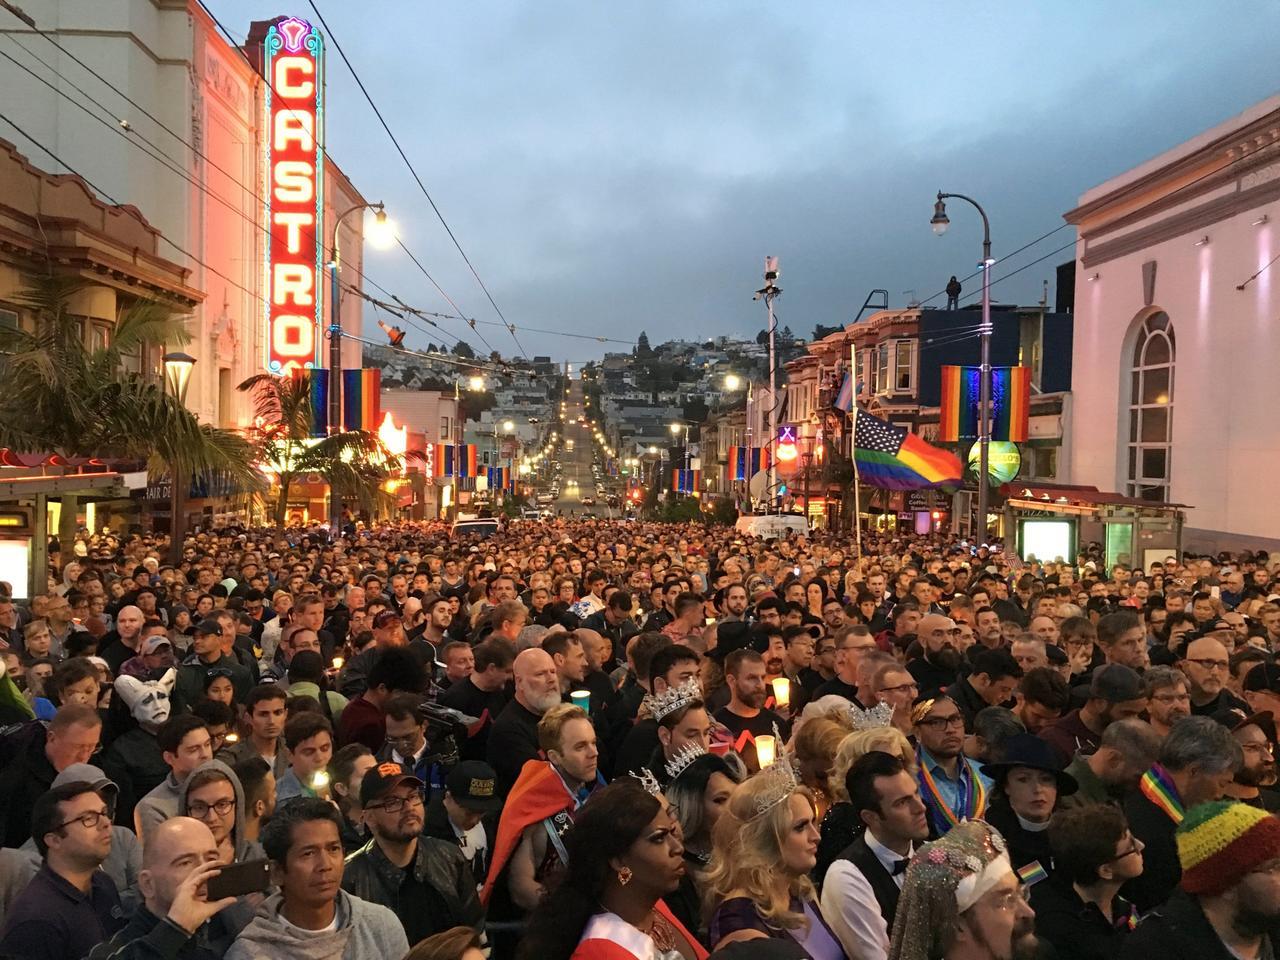 Акция памяти в гей-квартале Кастро в Сан-Франциско. Фото: Stephen Lam / Reuters